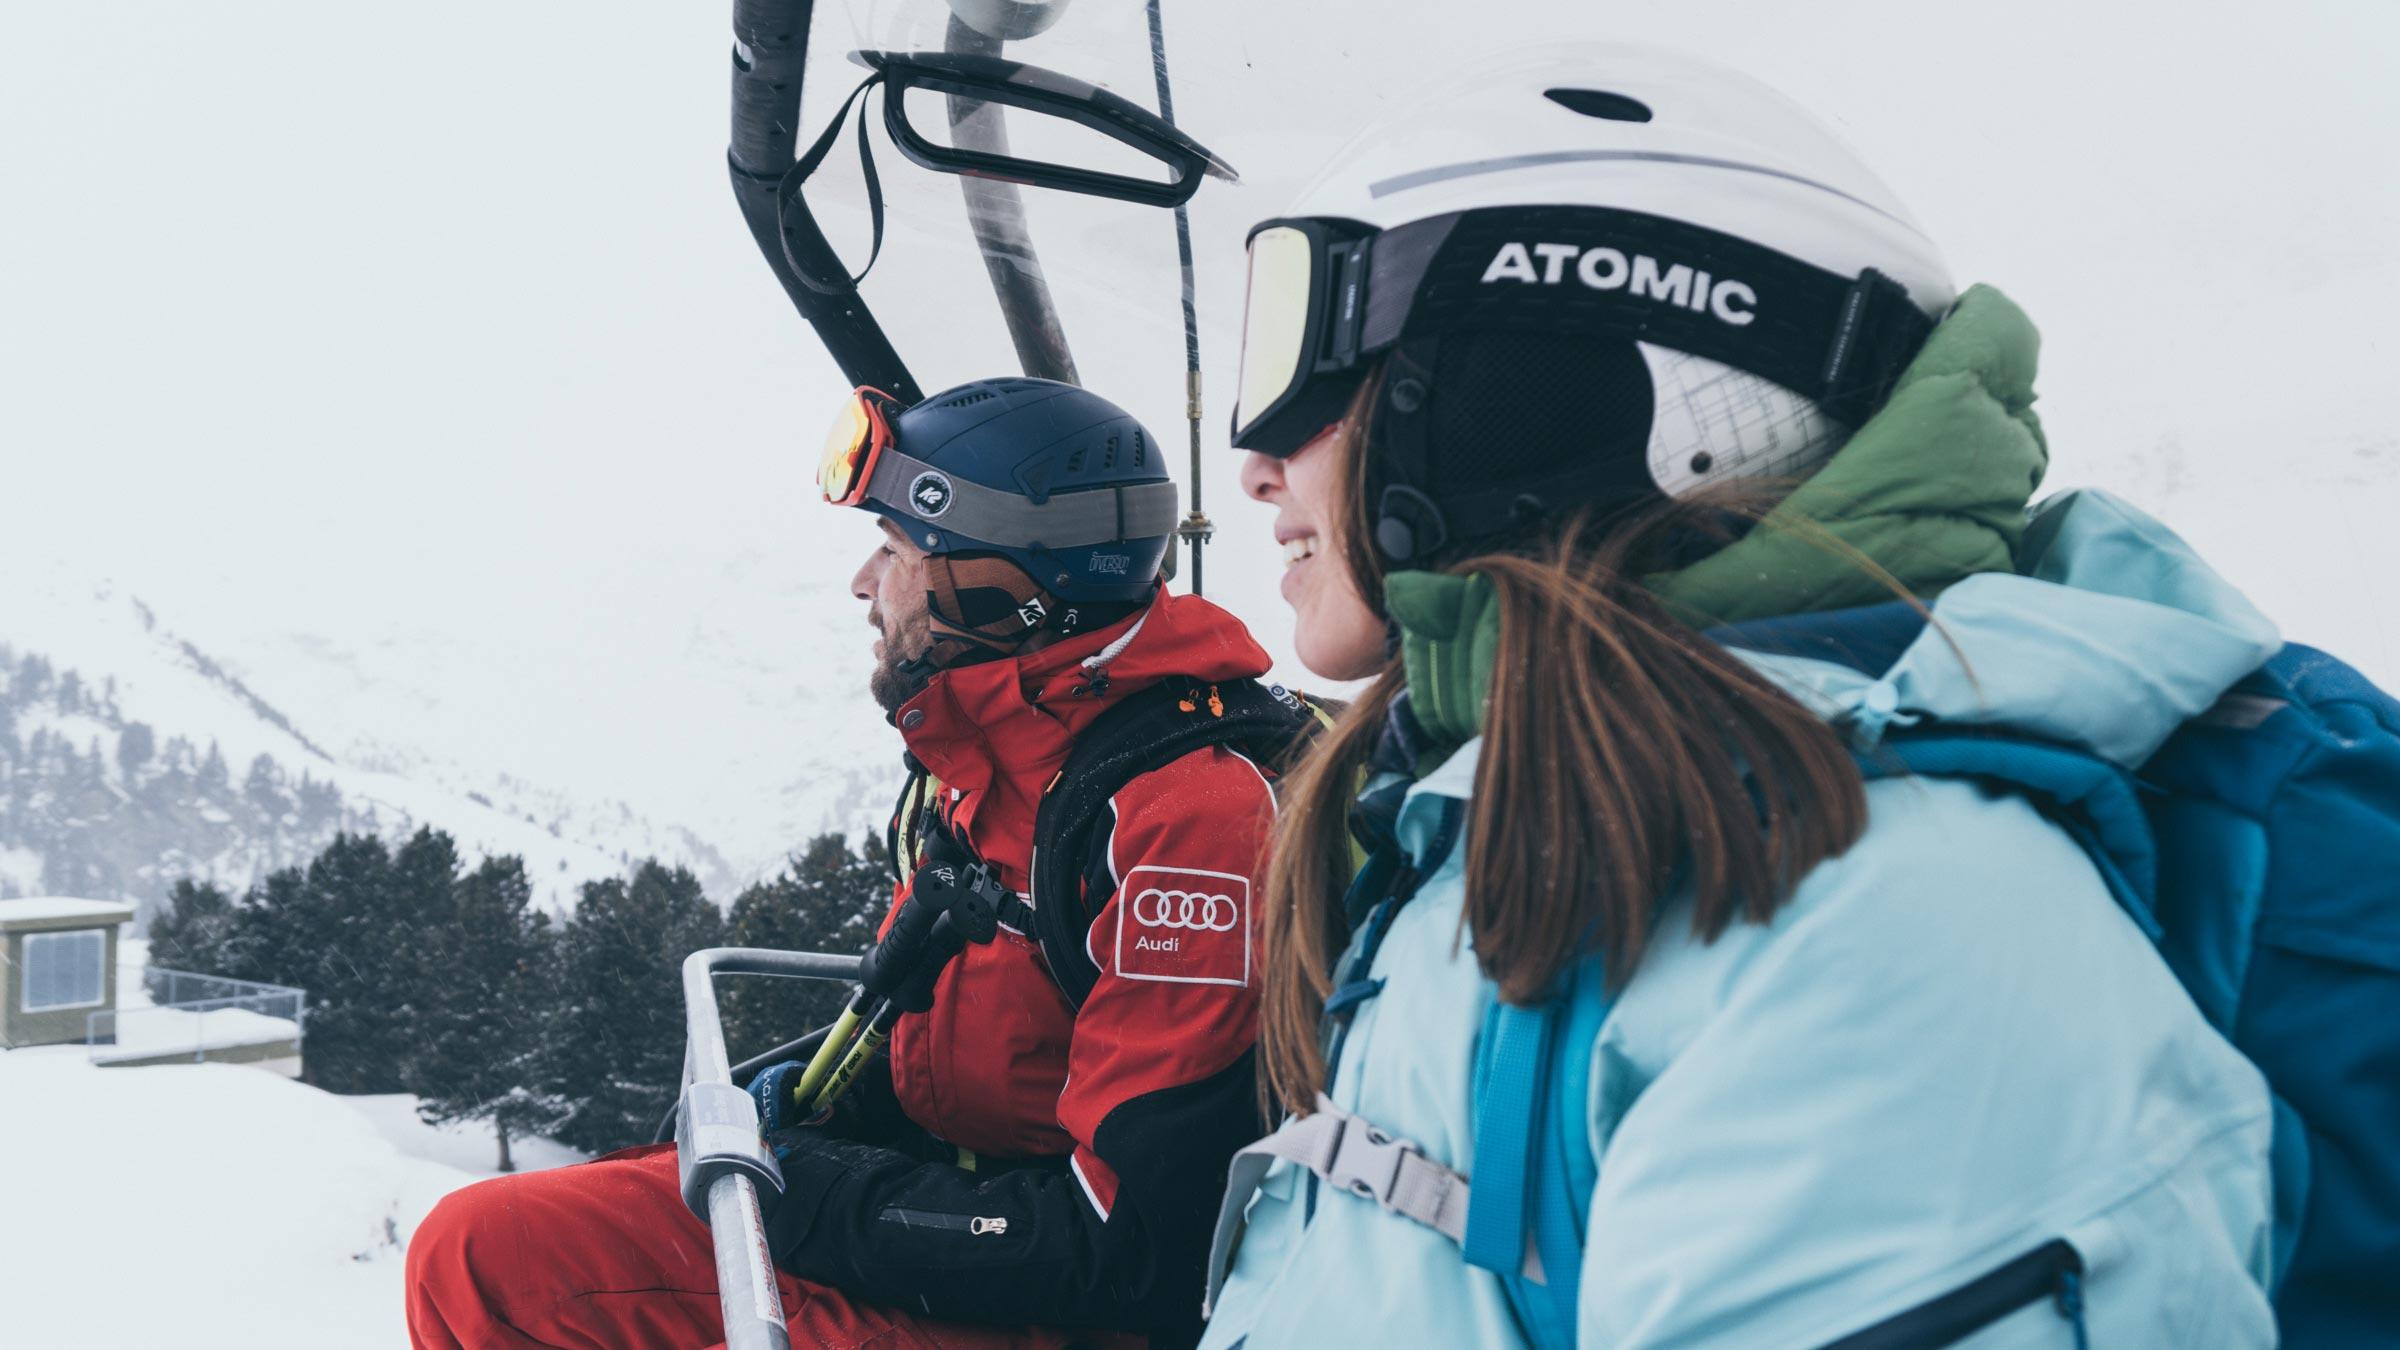 Vom Winde verweht – mein Tag auf der Skifit Week in Obergurgl